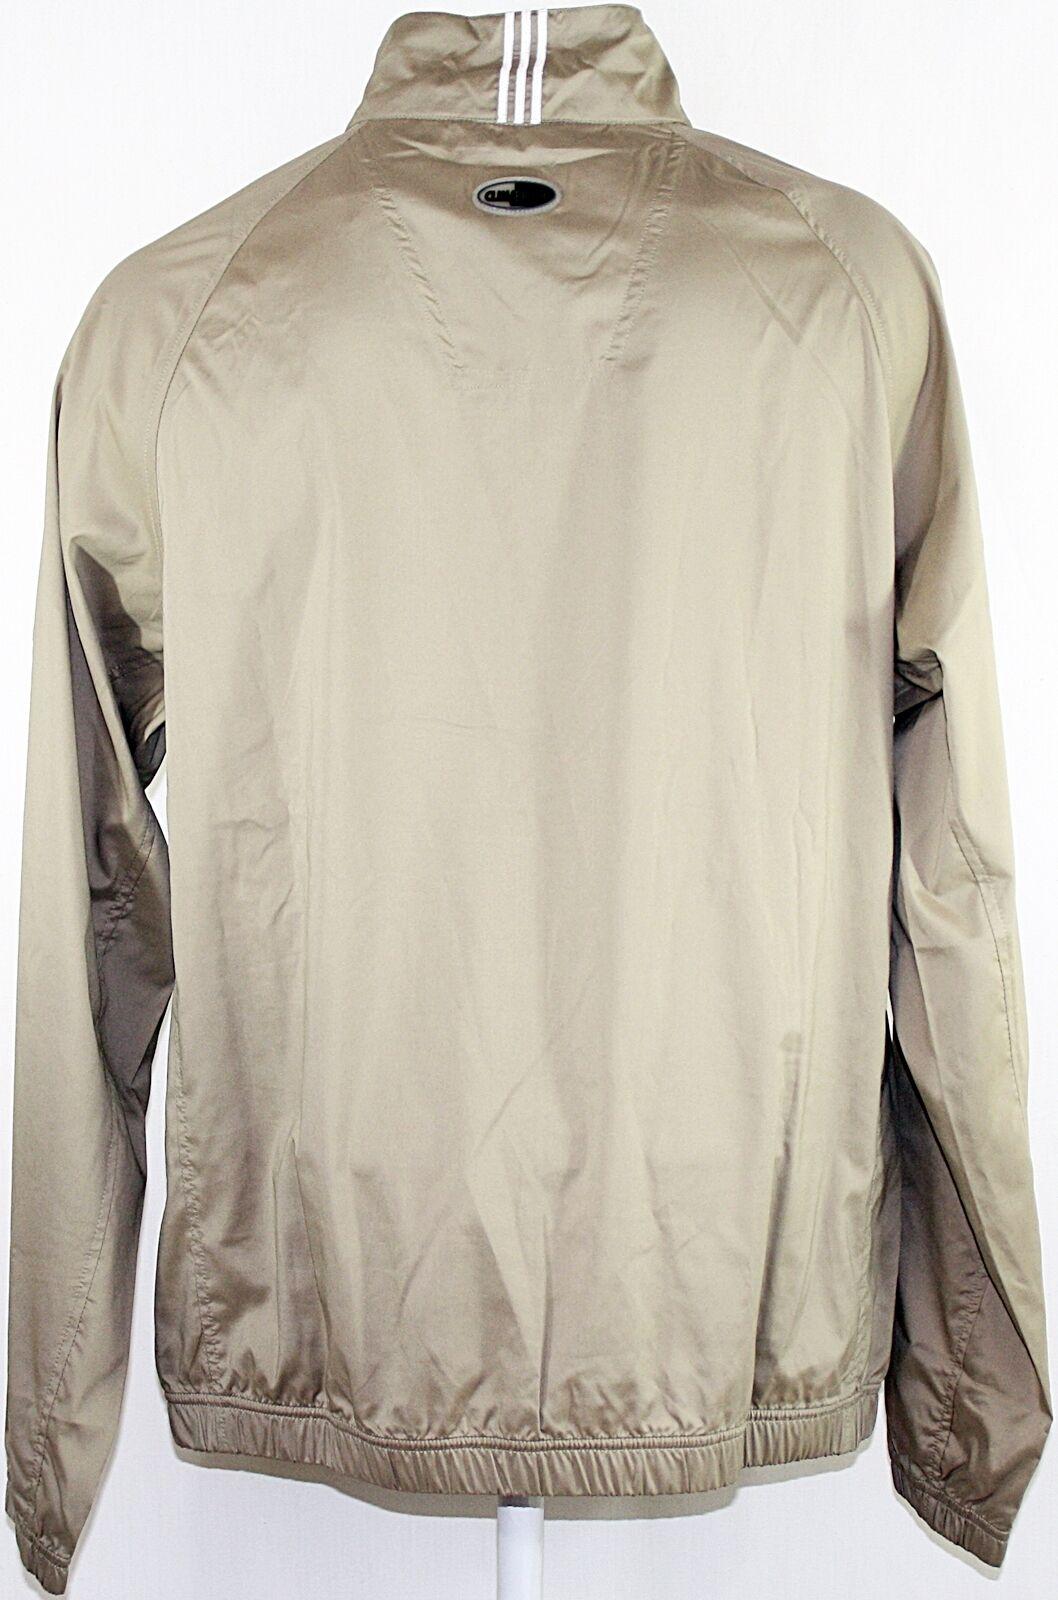 ADIDAS  Men Windbreaker MCIP WndLS1 WndLS1 WndLS1 2 Zip  Khaki Weiß  Gr. Medium | Starke Hitze- und Abnutzungsbeständigkeit  12048c